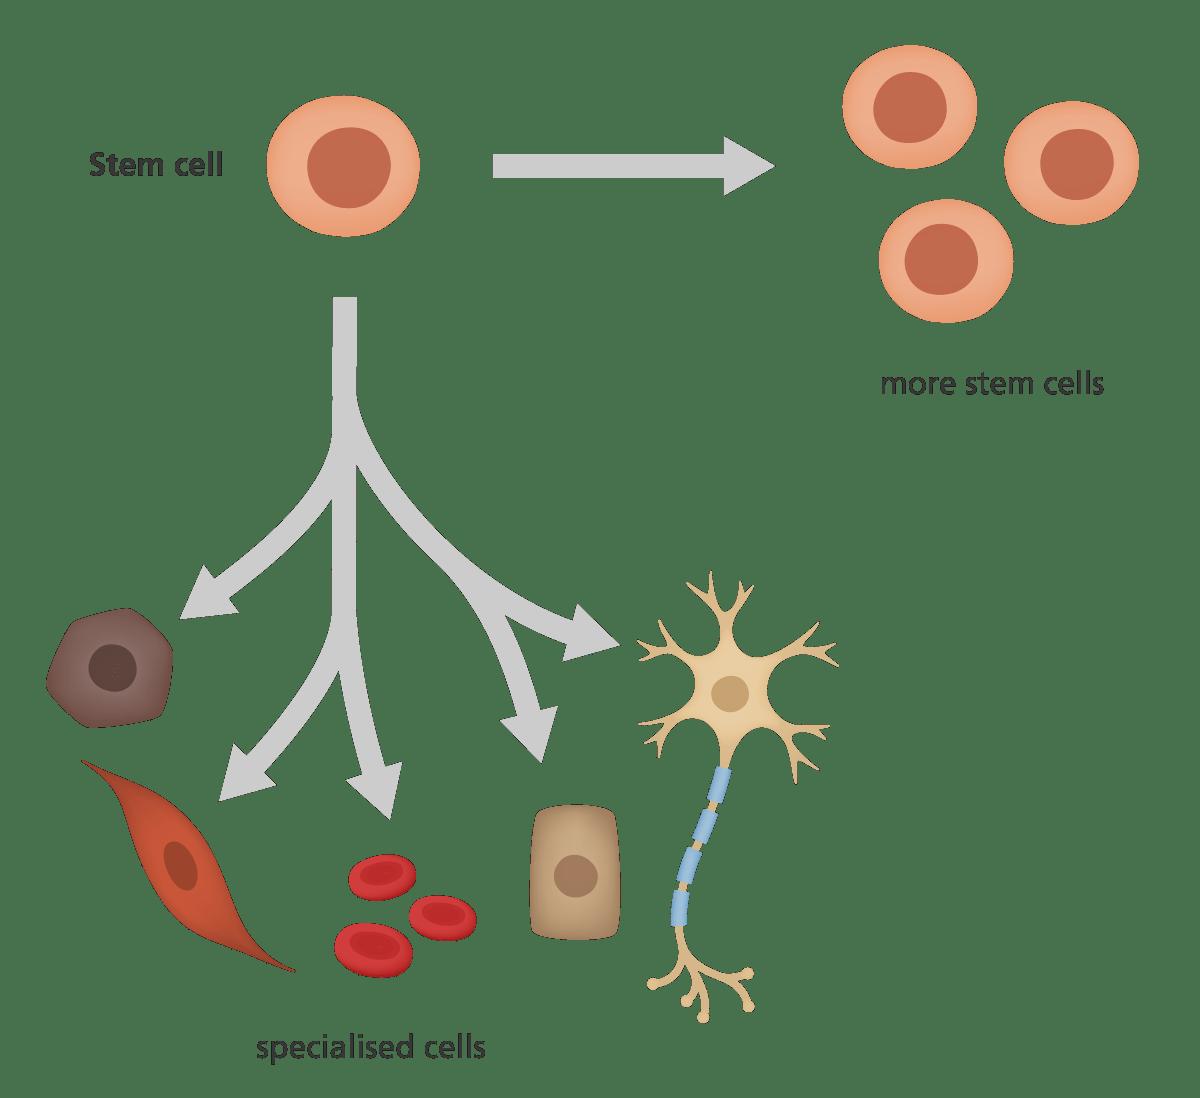 Tumori: scoperto un nuovo tipo di cellule staminali